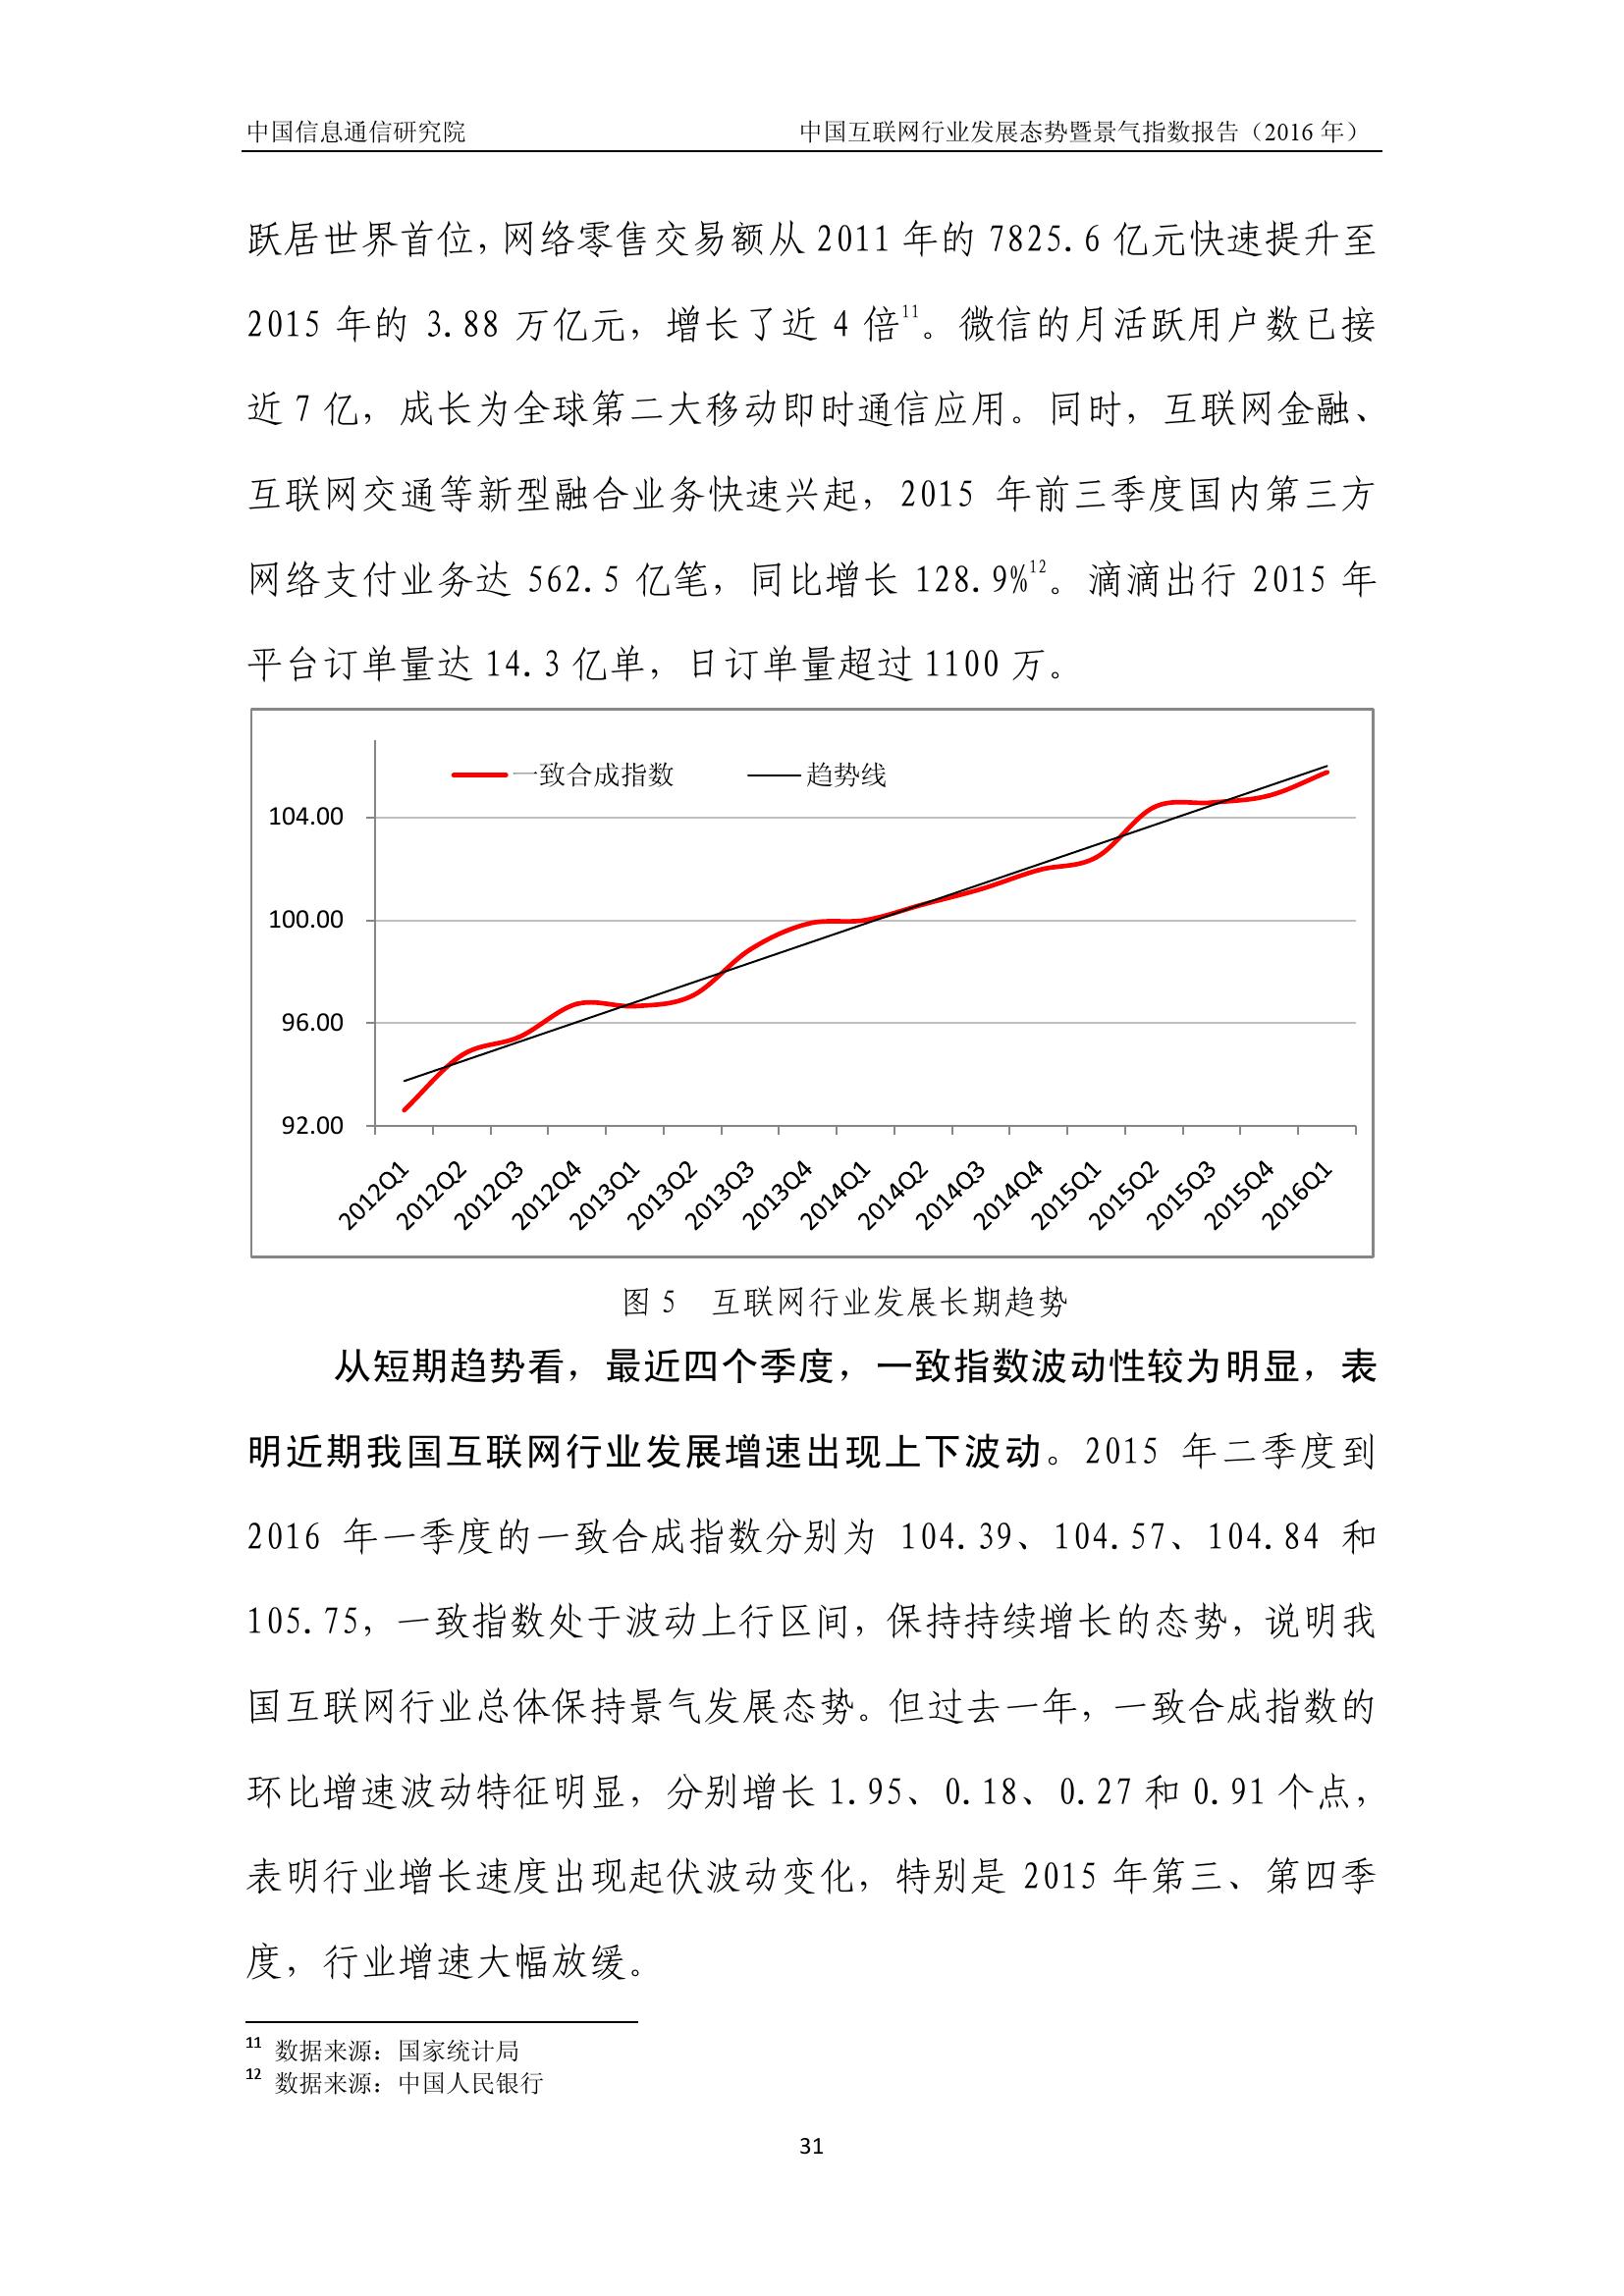 2016年中国互联网行业发展态势暨景气指数报告_000035